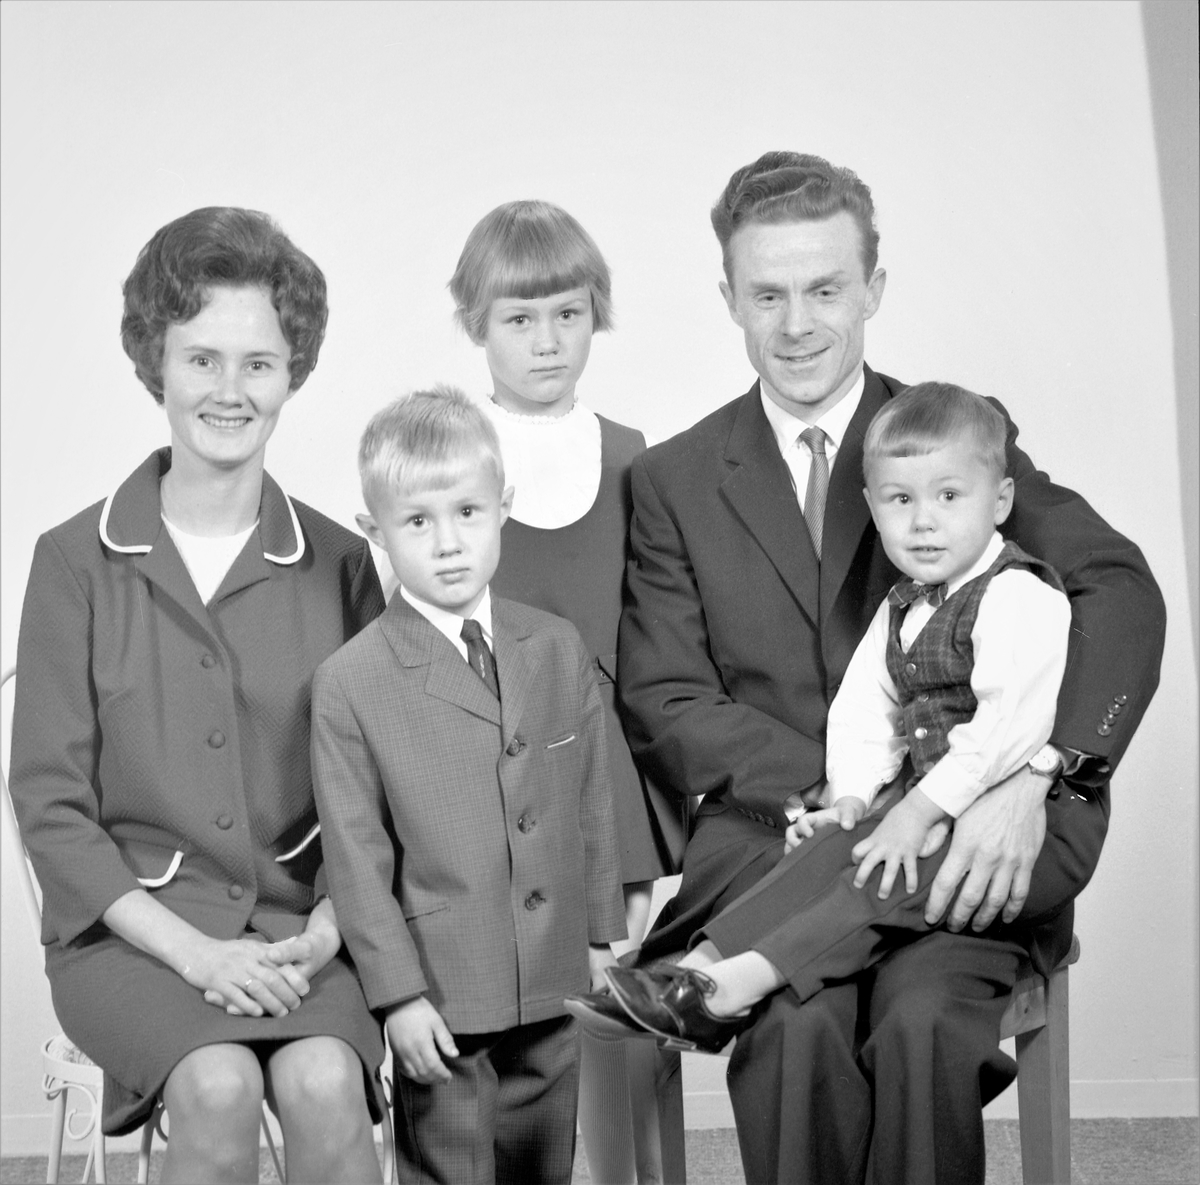 Portrett. Familiegruppe på fem. Ung kvinne, ung mann pike, gutt og ung gutt. Bestilt av Jan Monsen. Austmannav. 19B